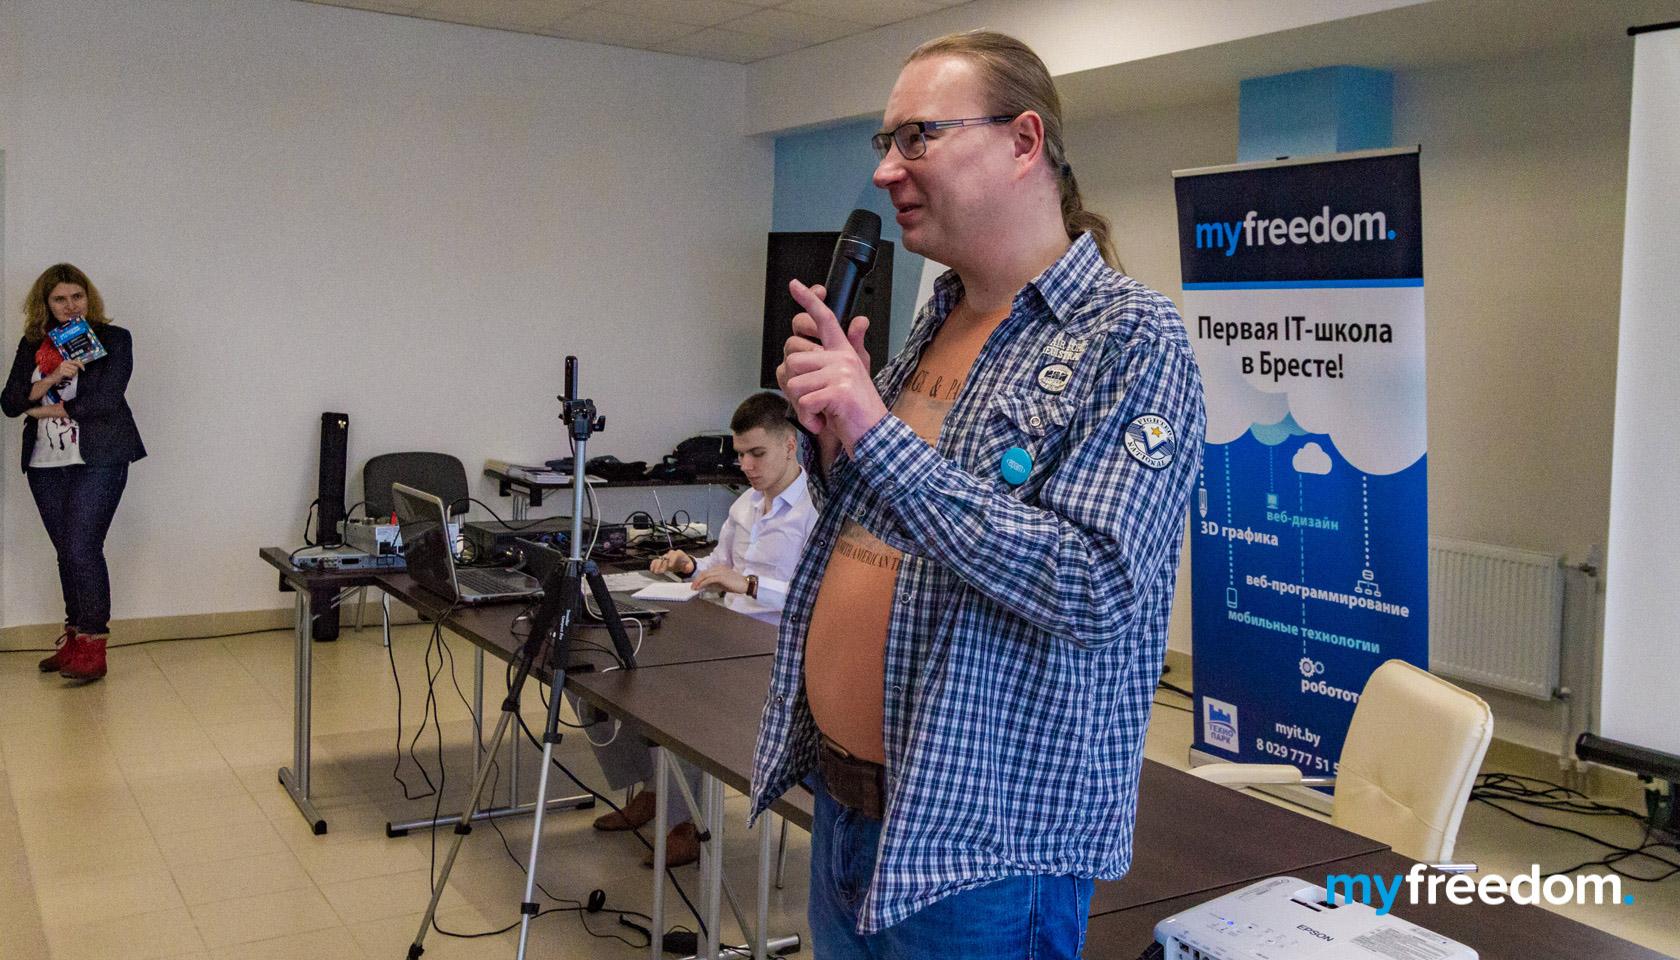 Александр Оргиш. Конференция Pro.IT в Бресте. Myfreedom - первая IT-школа в Бресте